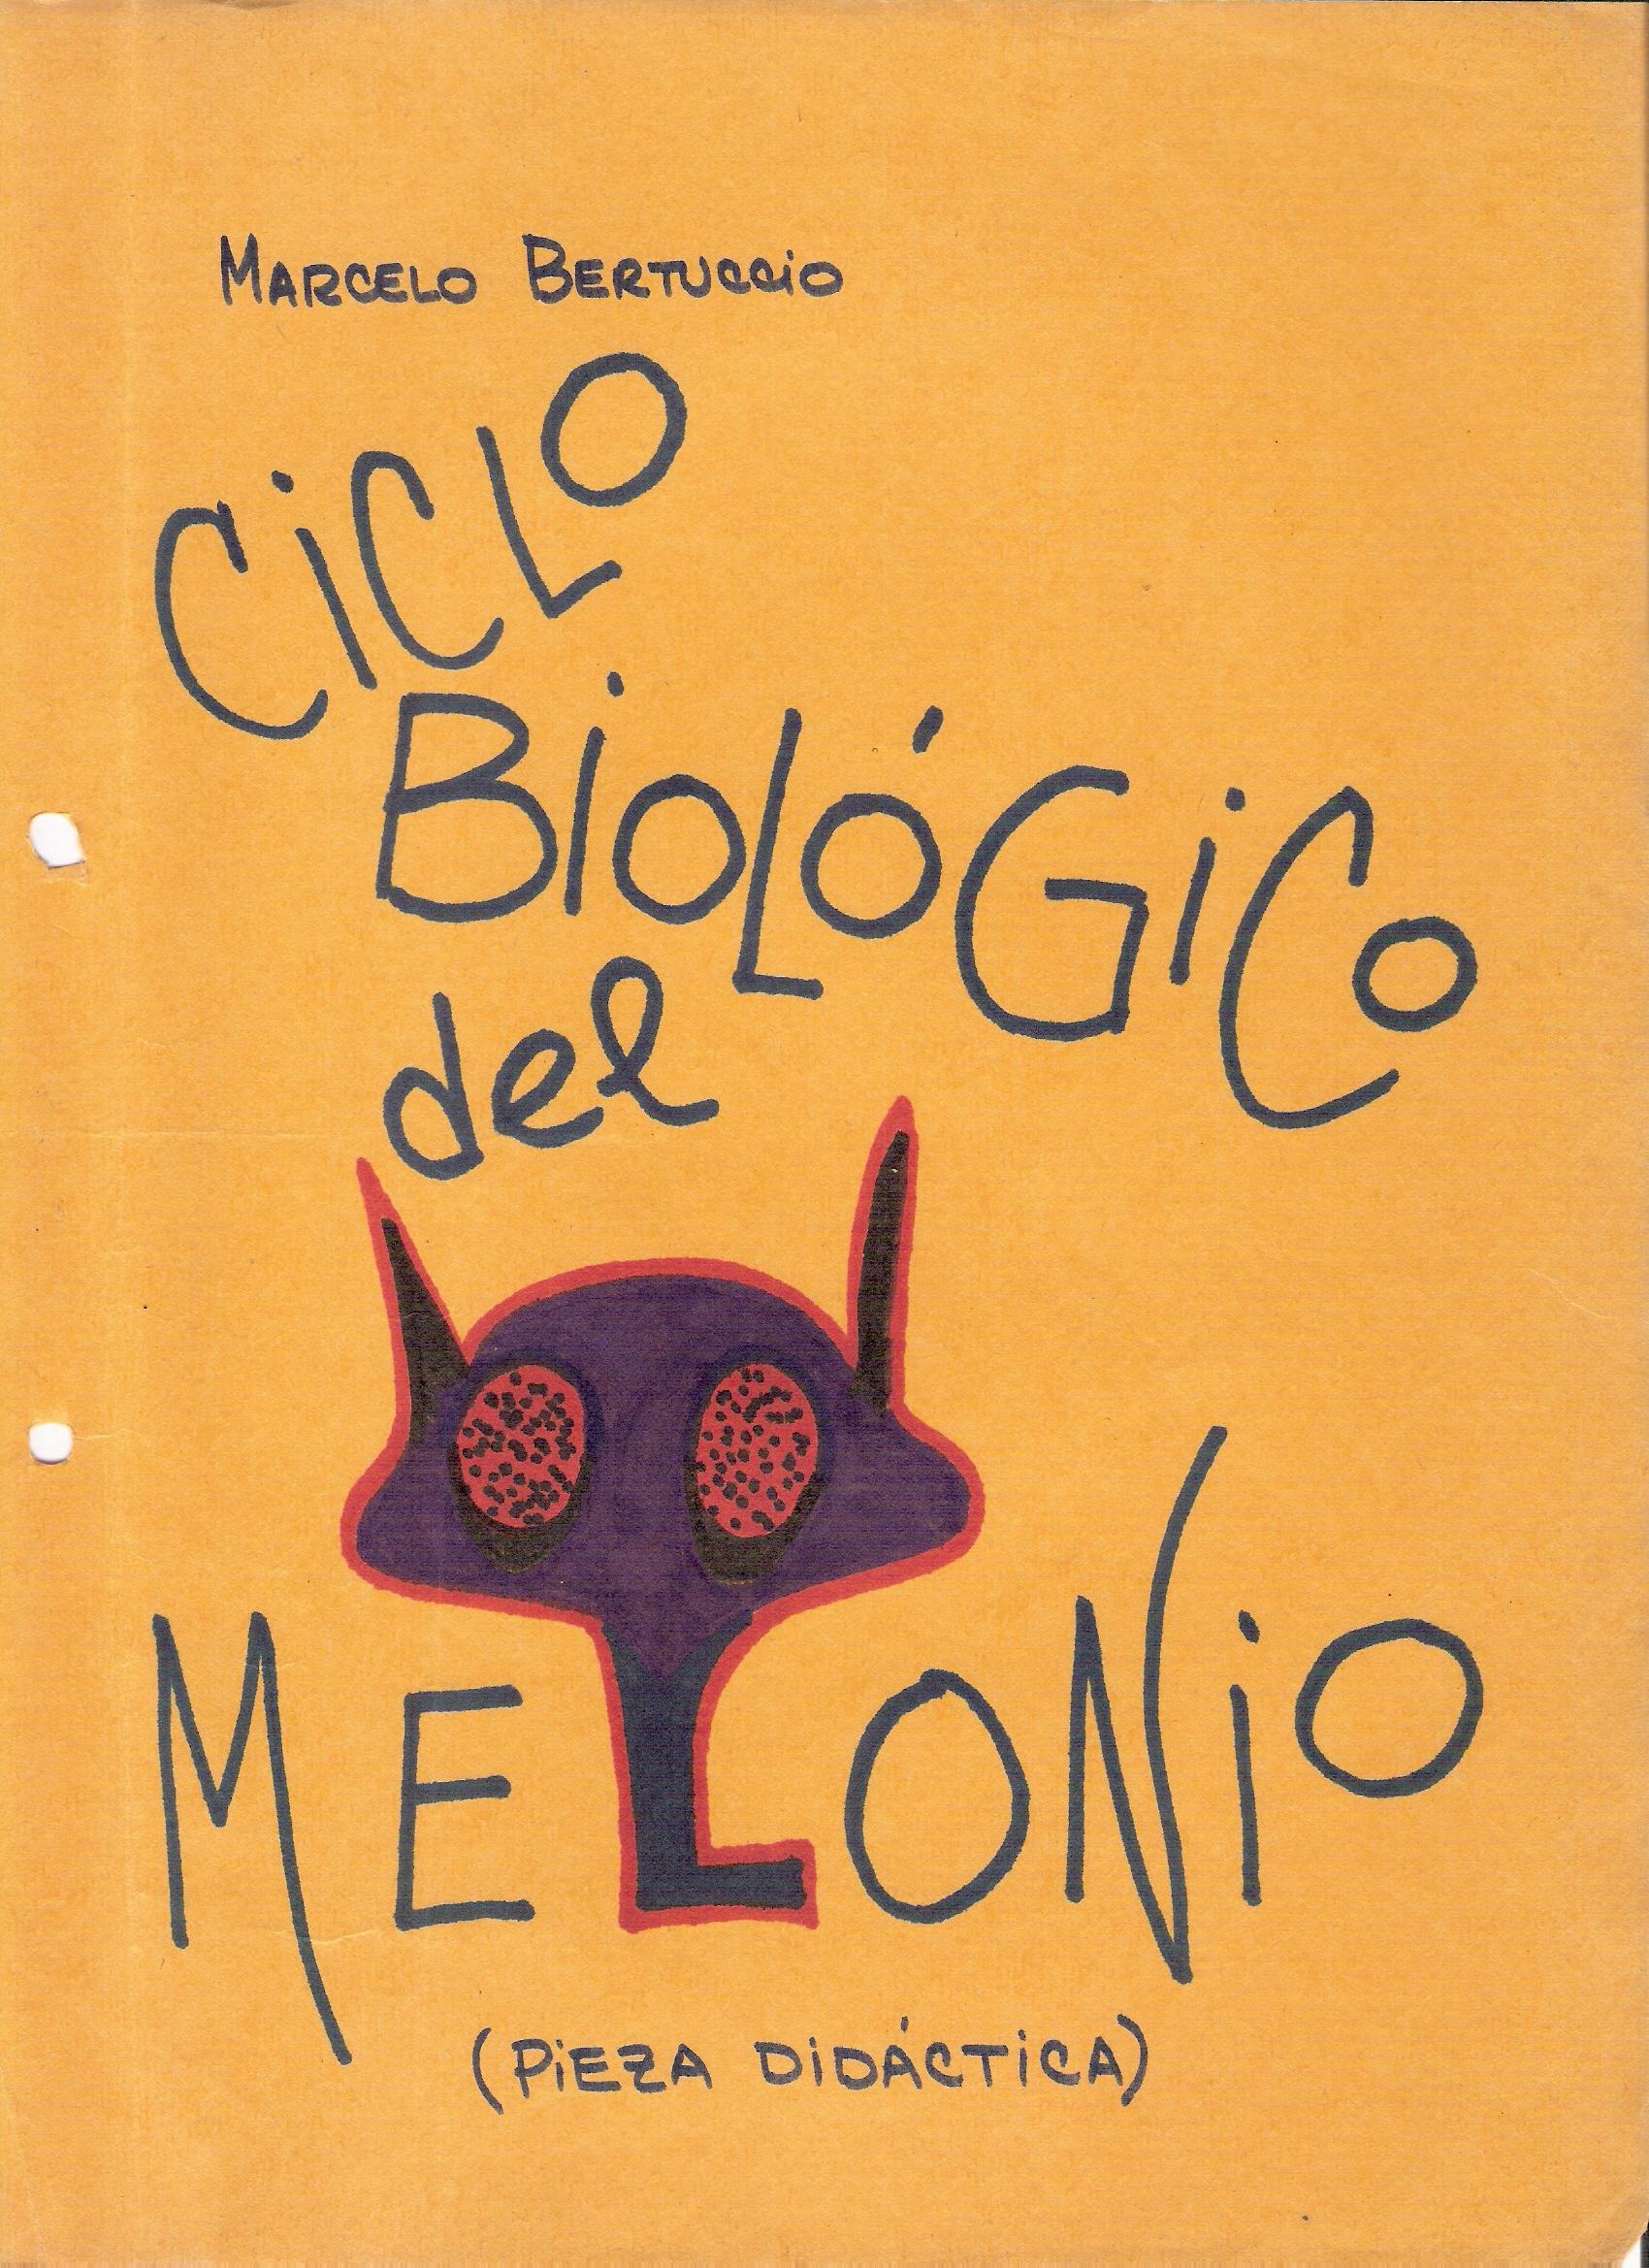 Ciclo biológico del Melonio